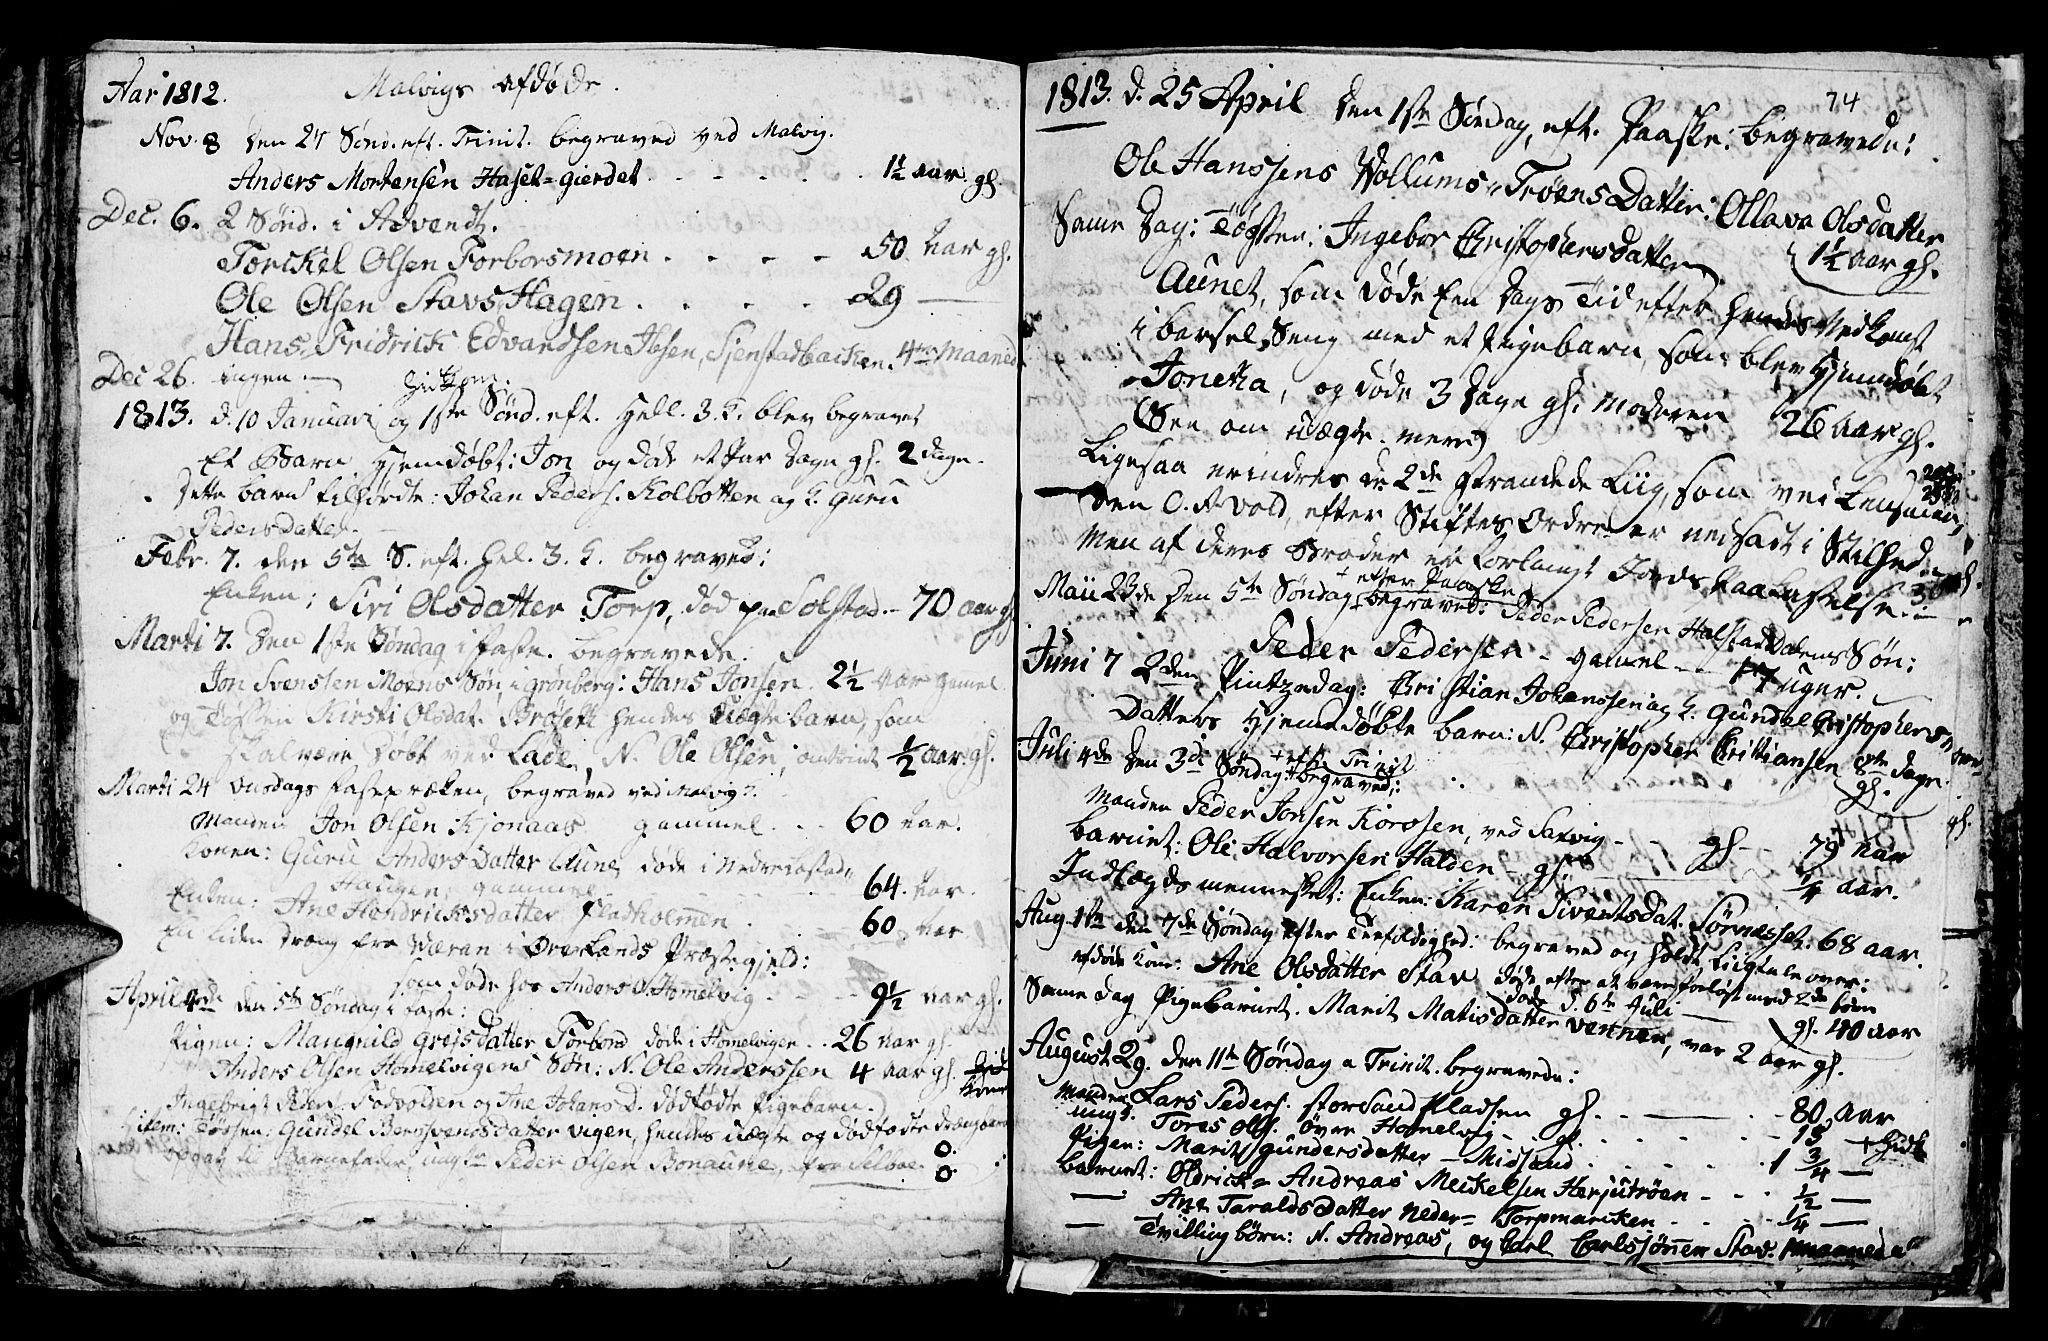 SAT, Ministerialprotokoller, klokkerbøker og fødselsregistre - Sør-Trøndelag, 616/L0419: Klokkerbok nr. 616C02, 1797-1816, s. 74